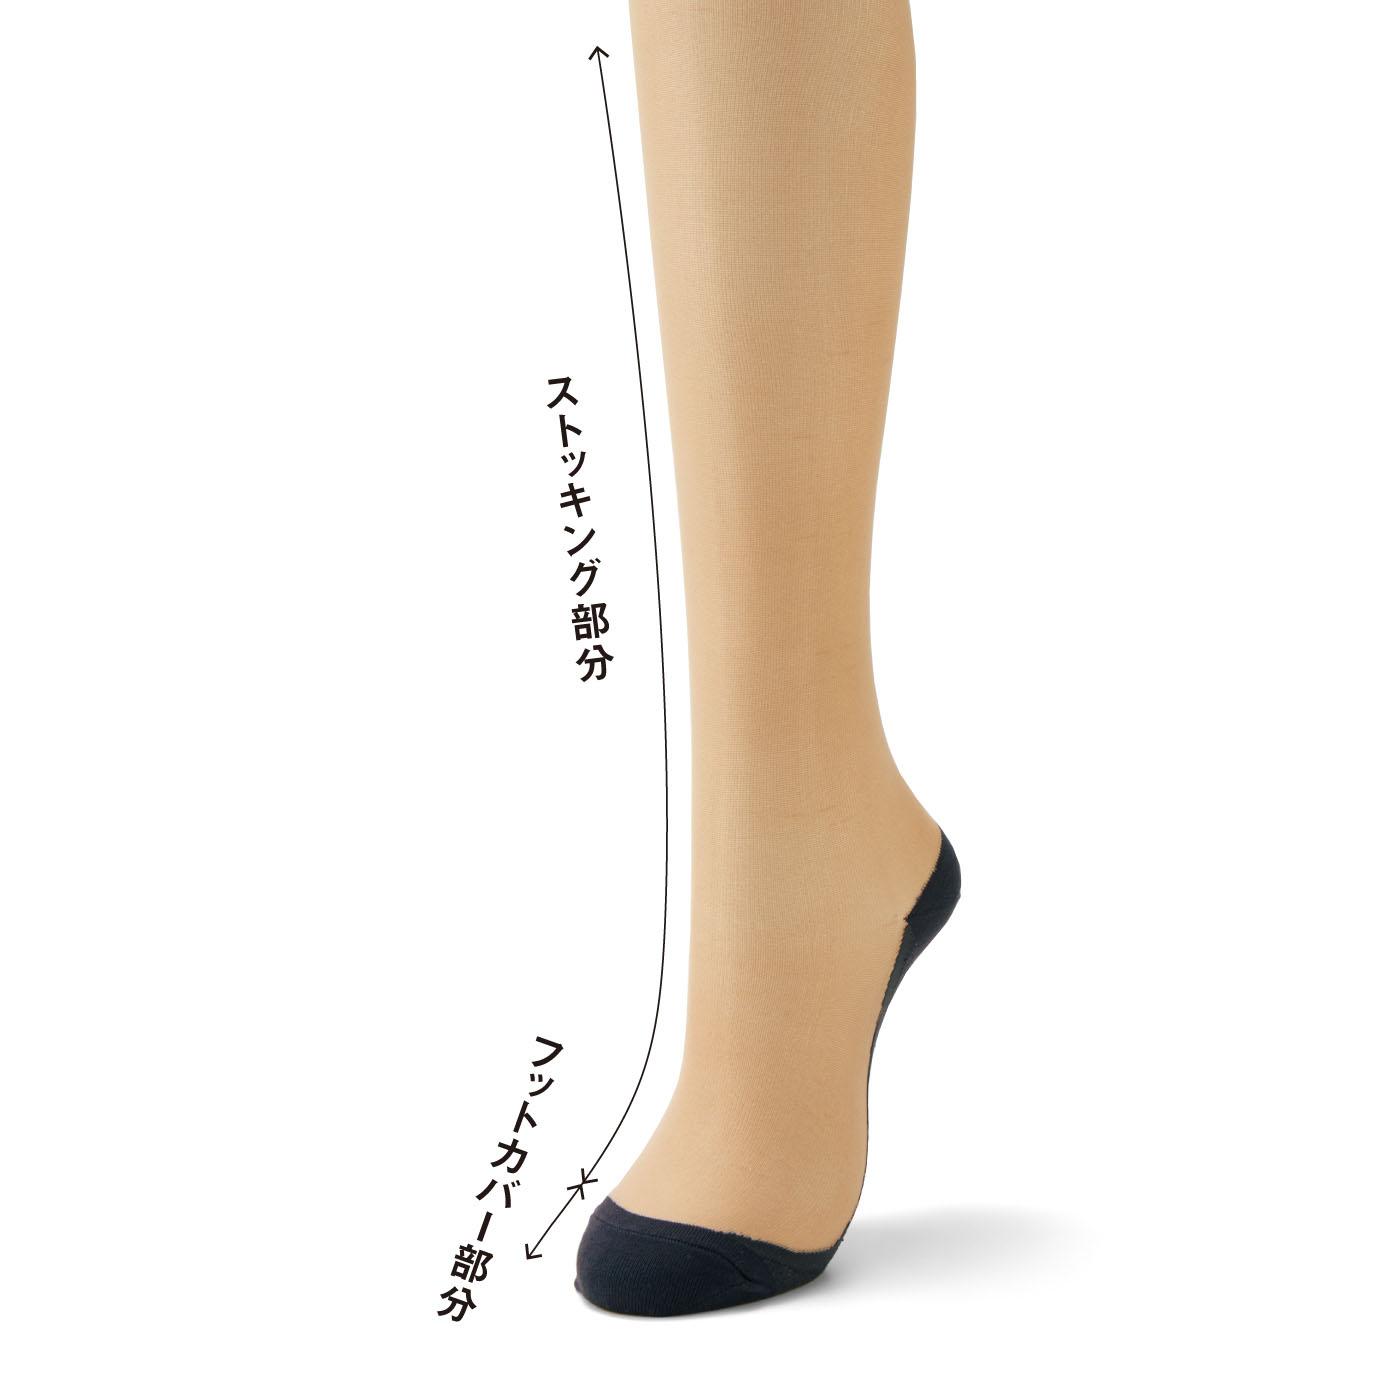 寒さ対策を考えたやや厚手素材。素足をよりきれいに見せ、合わせやすいニュアンスカラー。パンプスにももたつかない、自然な切り替えの浅ばきデザイン。